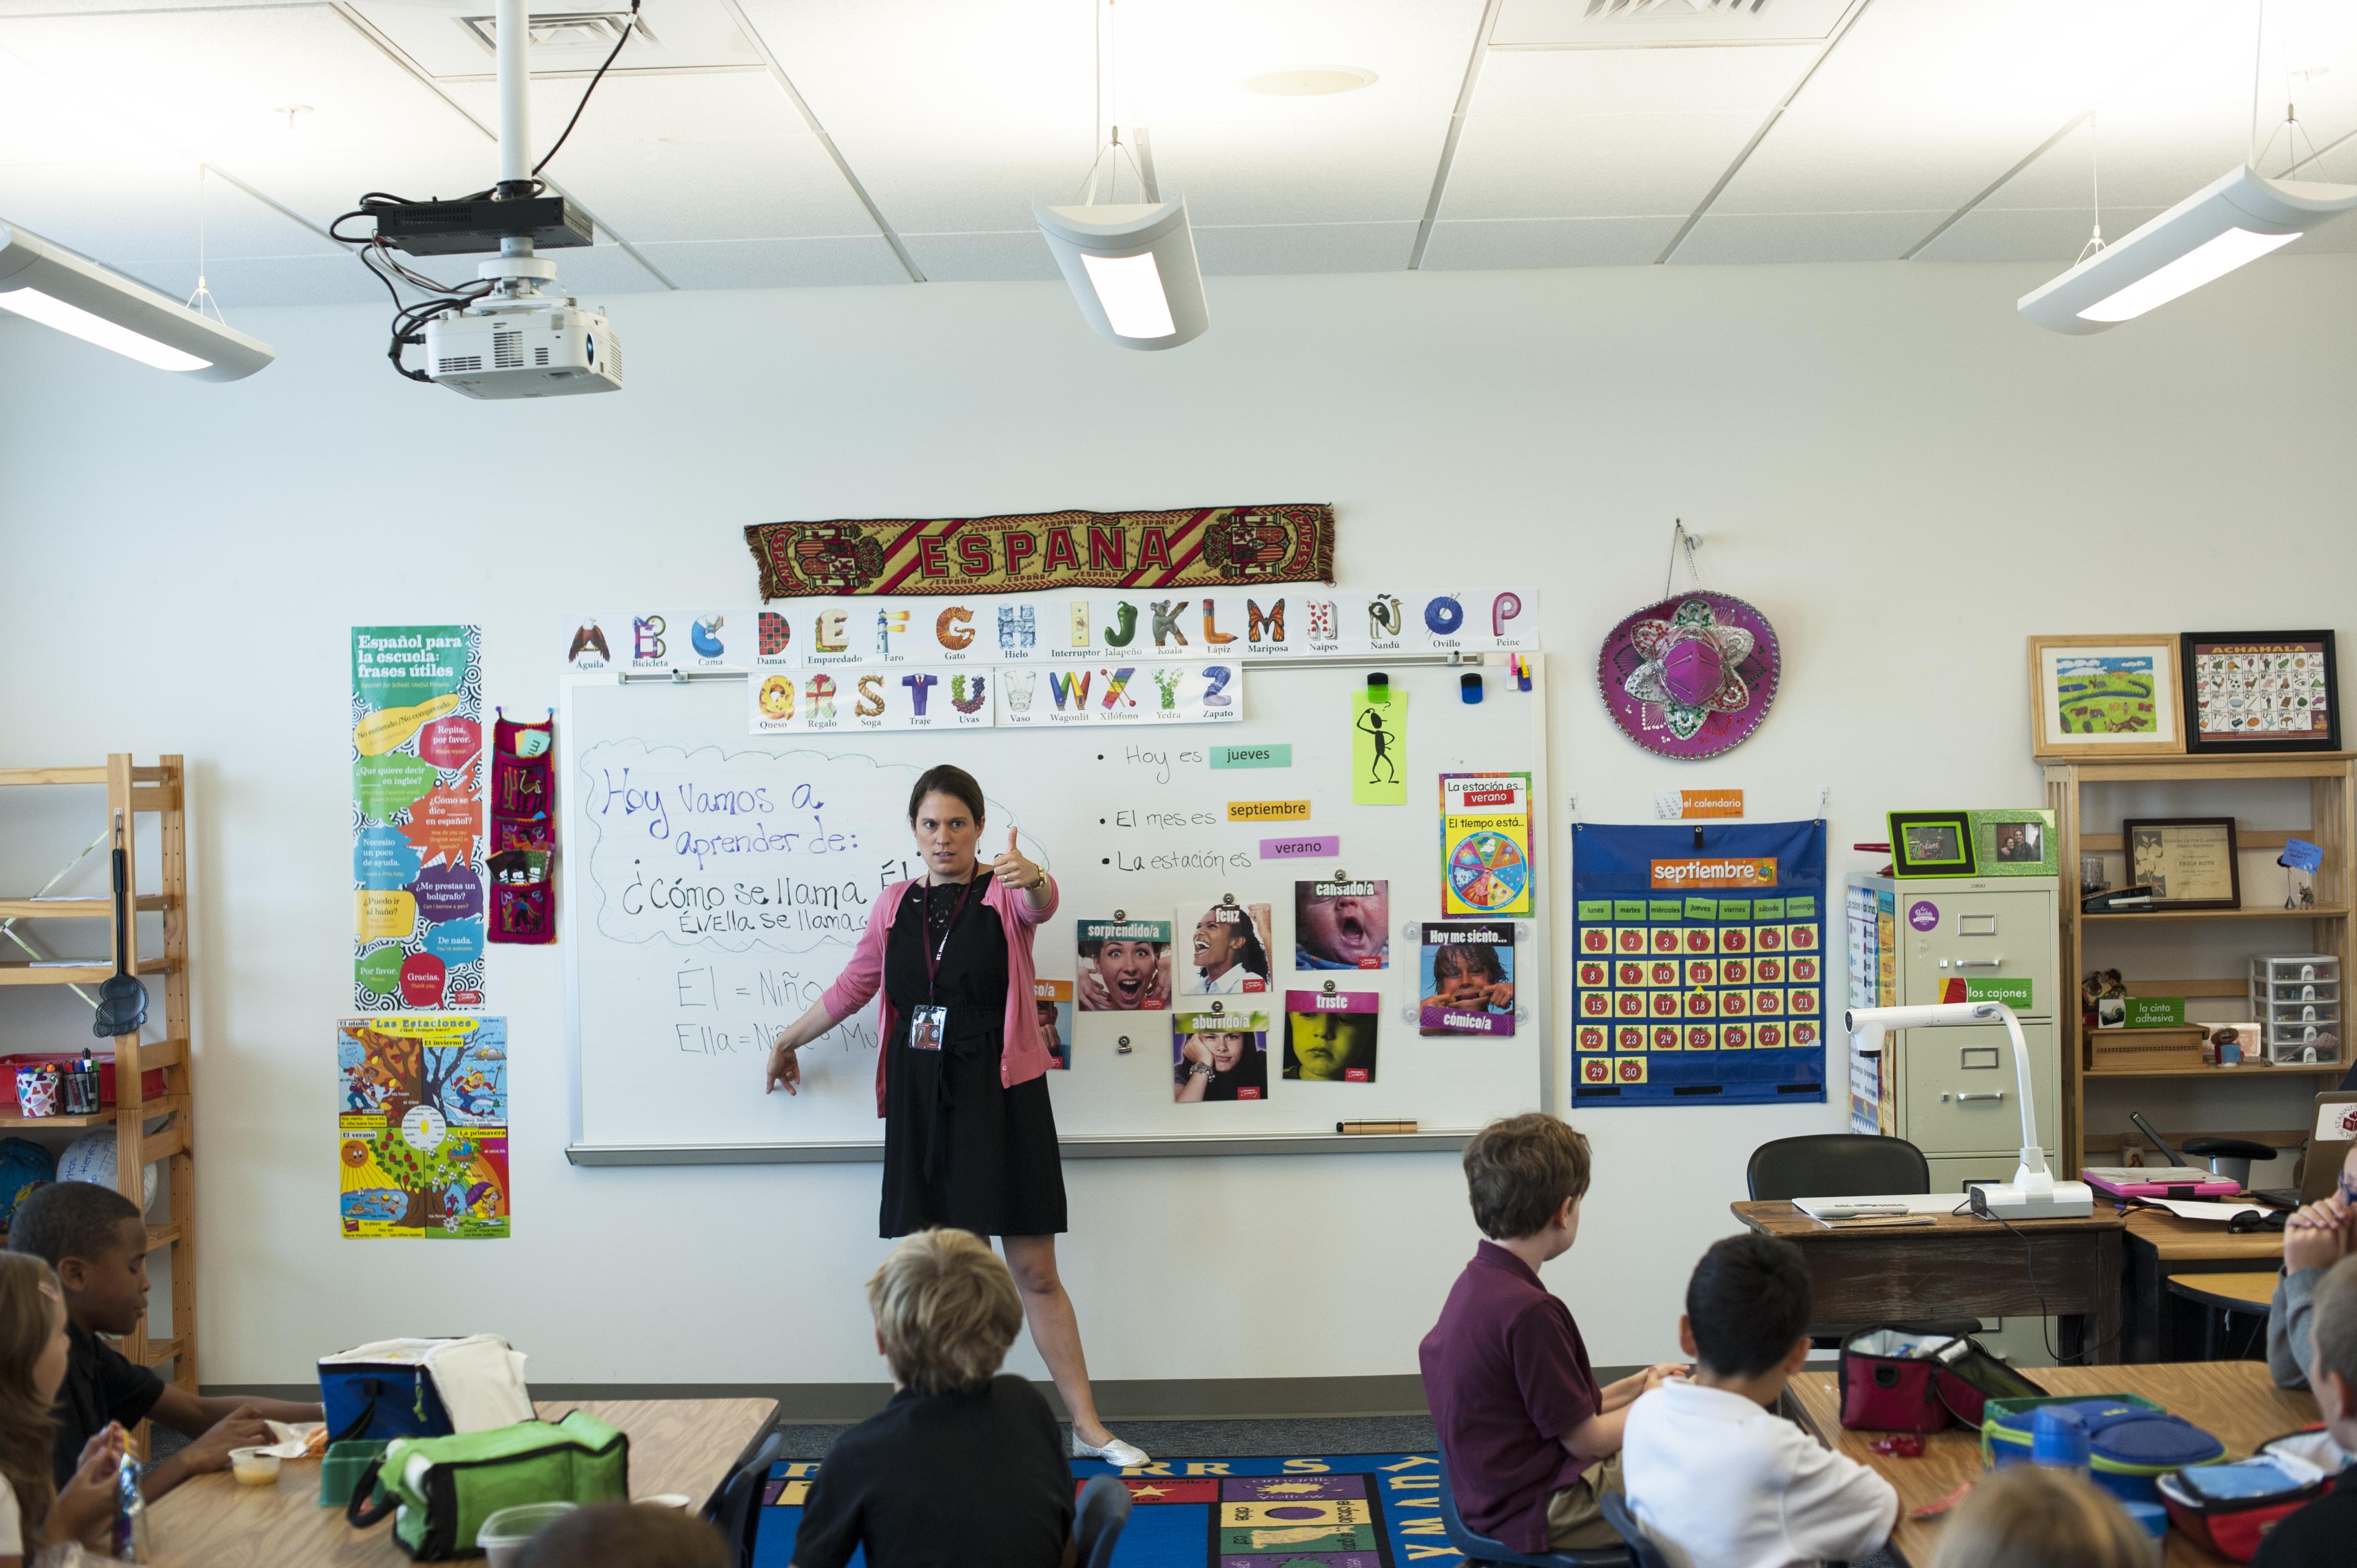 Teaching at St. Anne¿s (Teaching at St. Anne